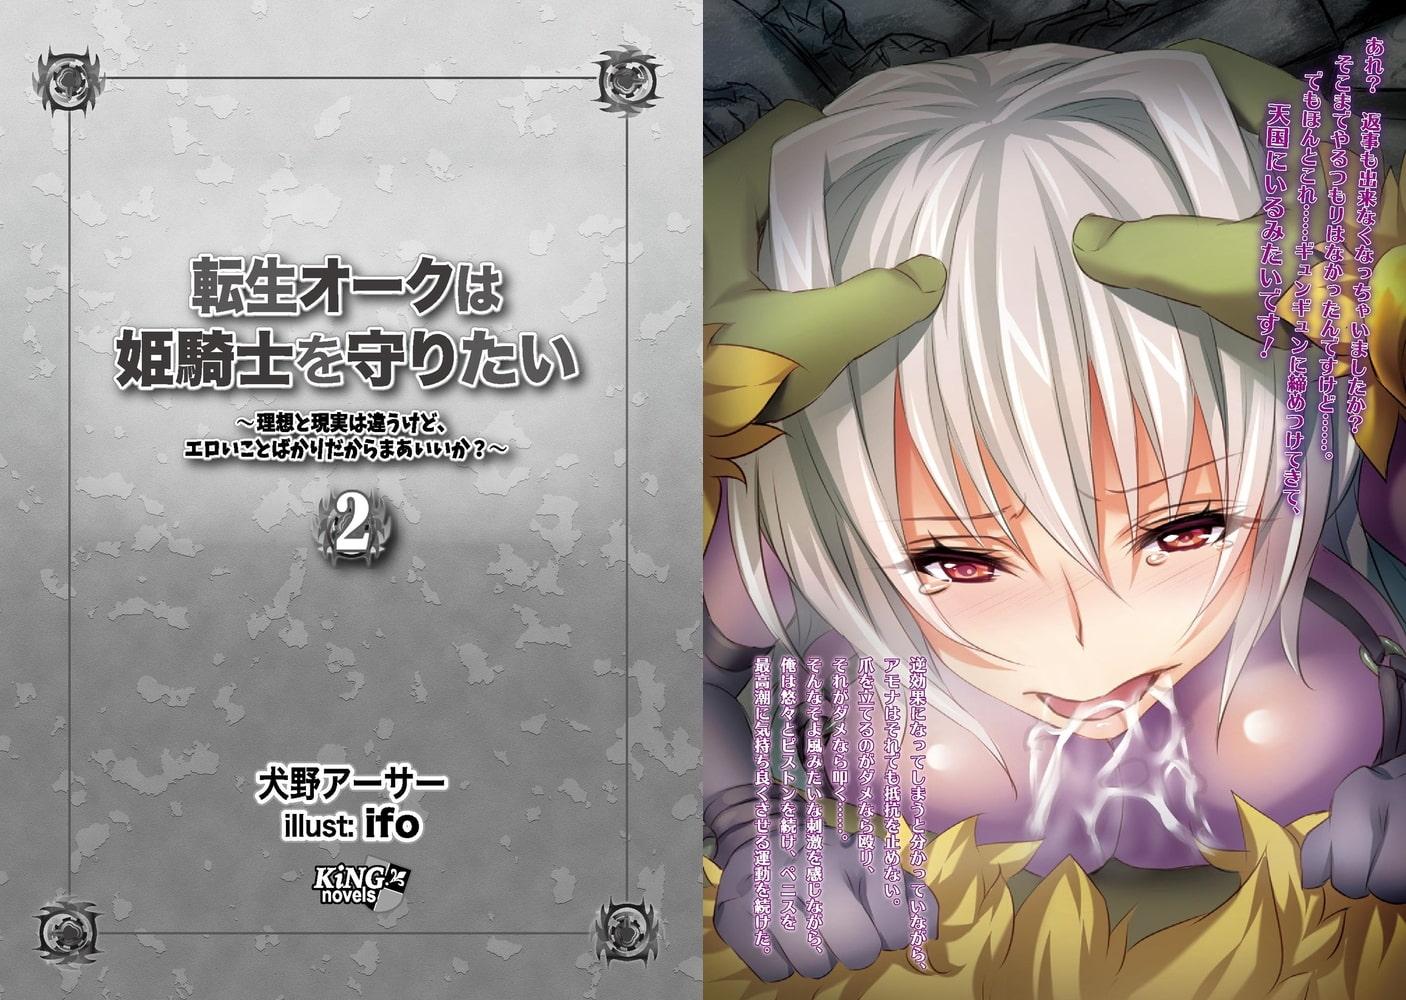 転生オークは姫騎士を守りたい 2 ~理想と現実は違うけど、エロいことばかりだからまあいいか?~